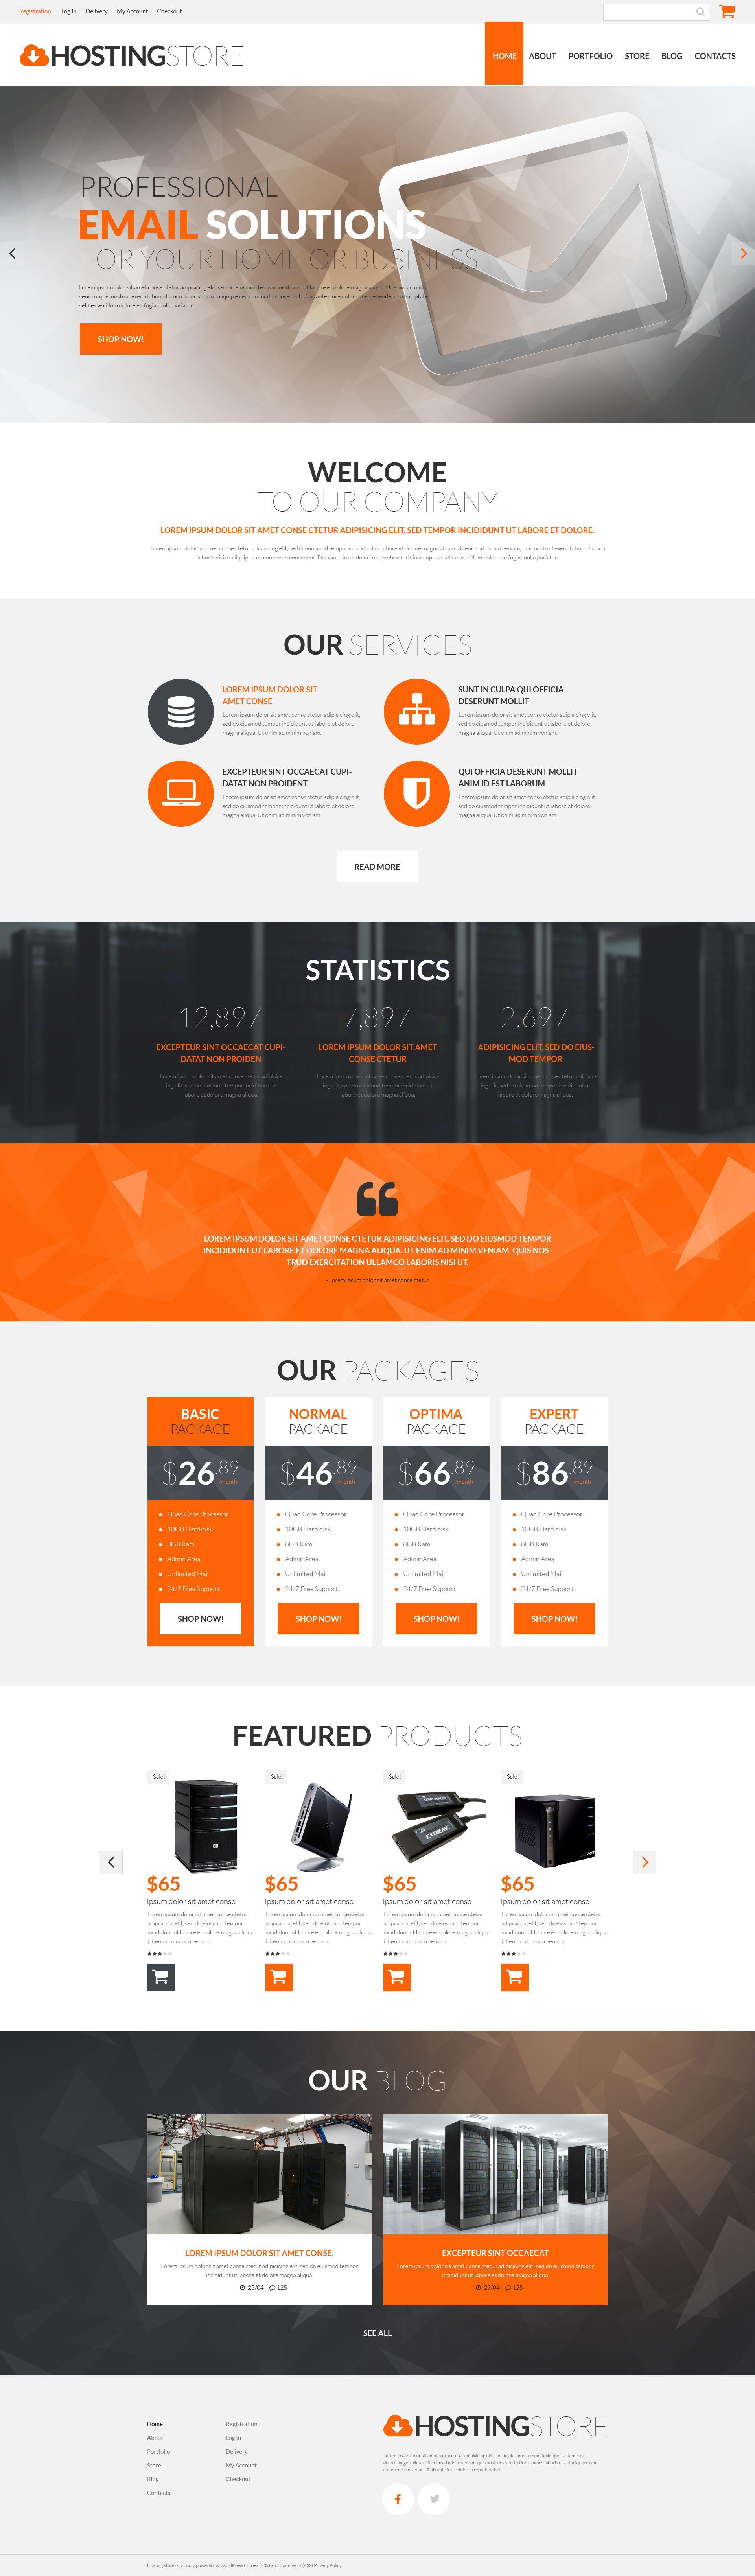 Responsywny motyw WooCommerce Hosting Business #53280 - zrzut ekranu